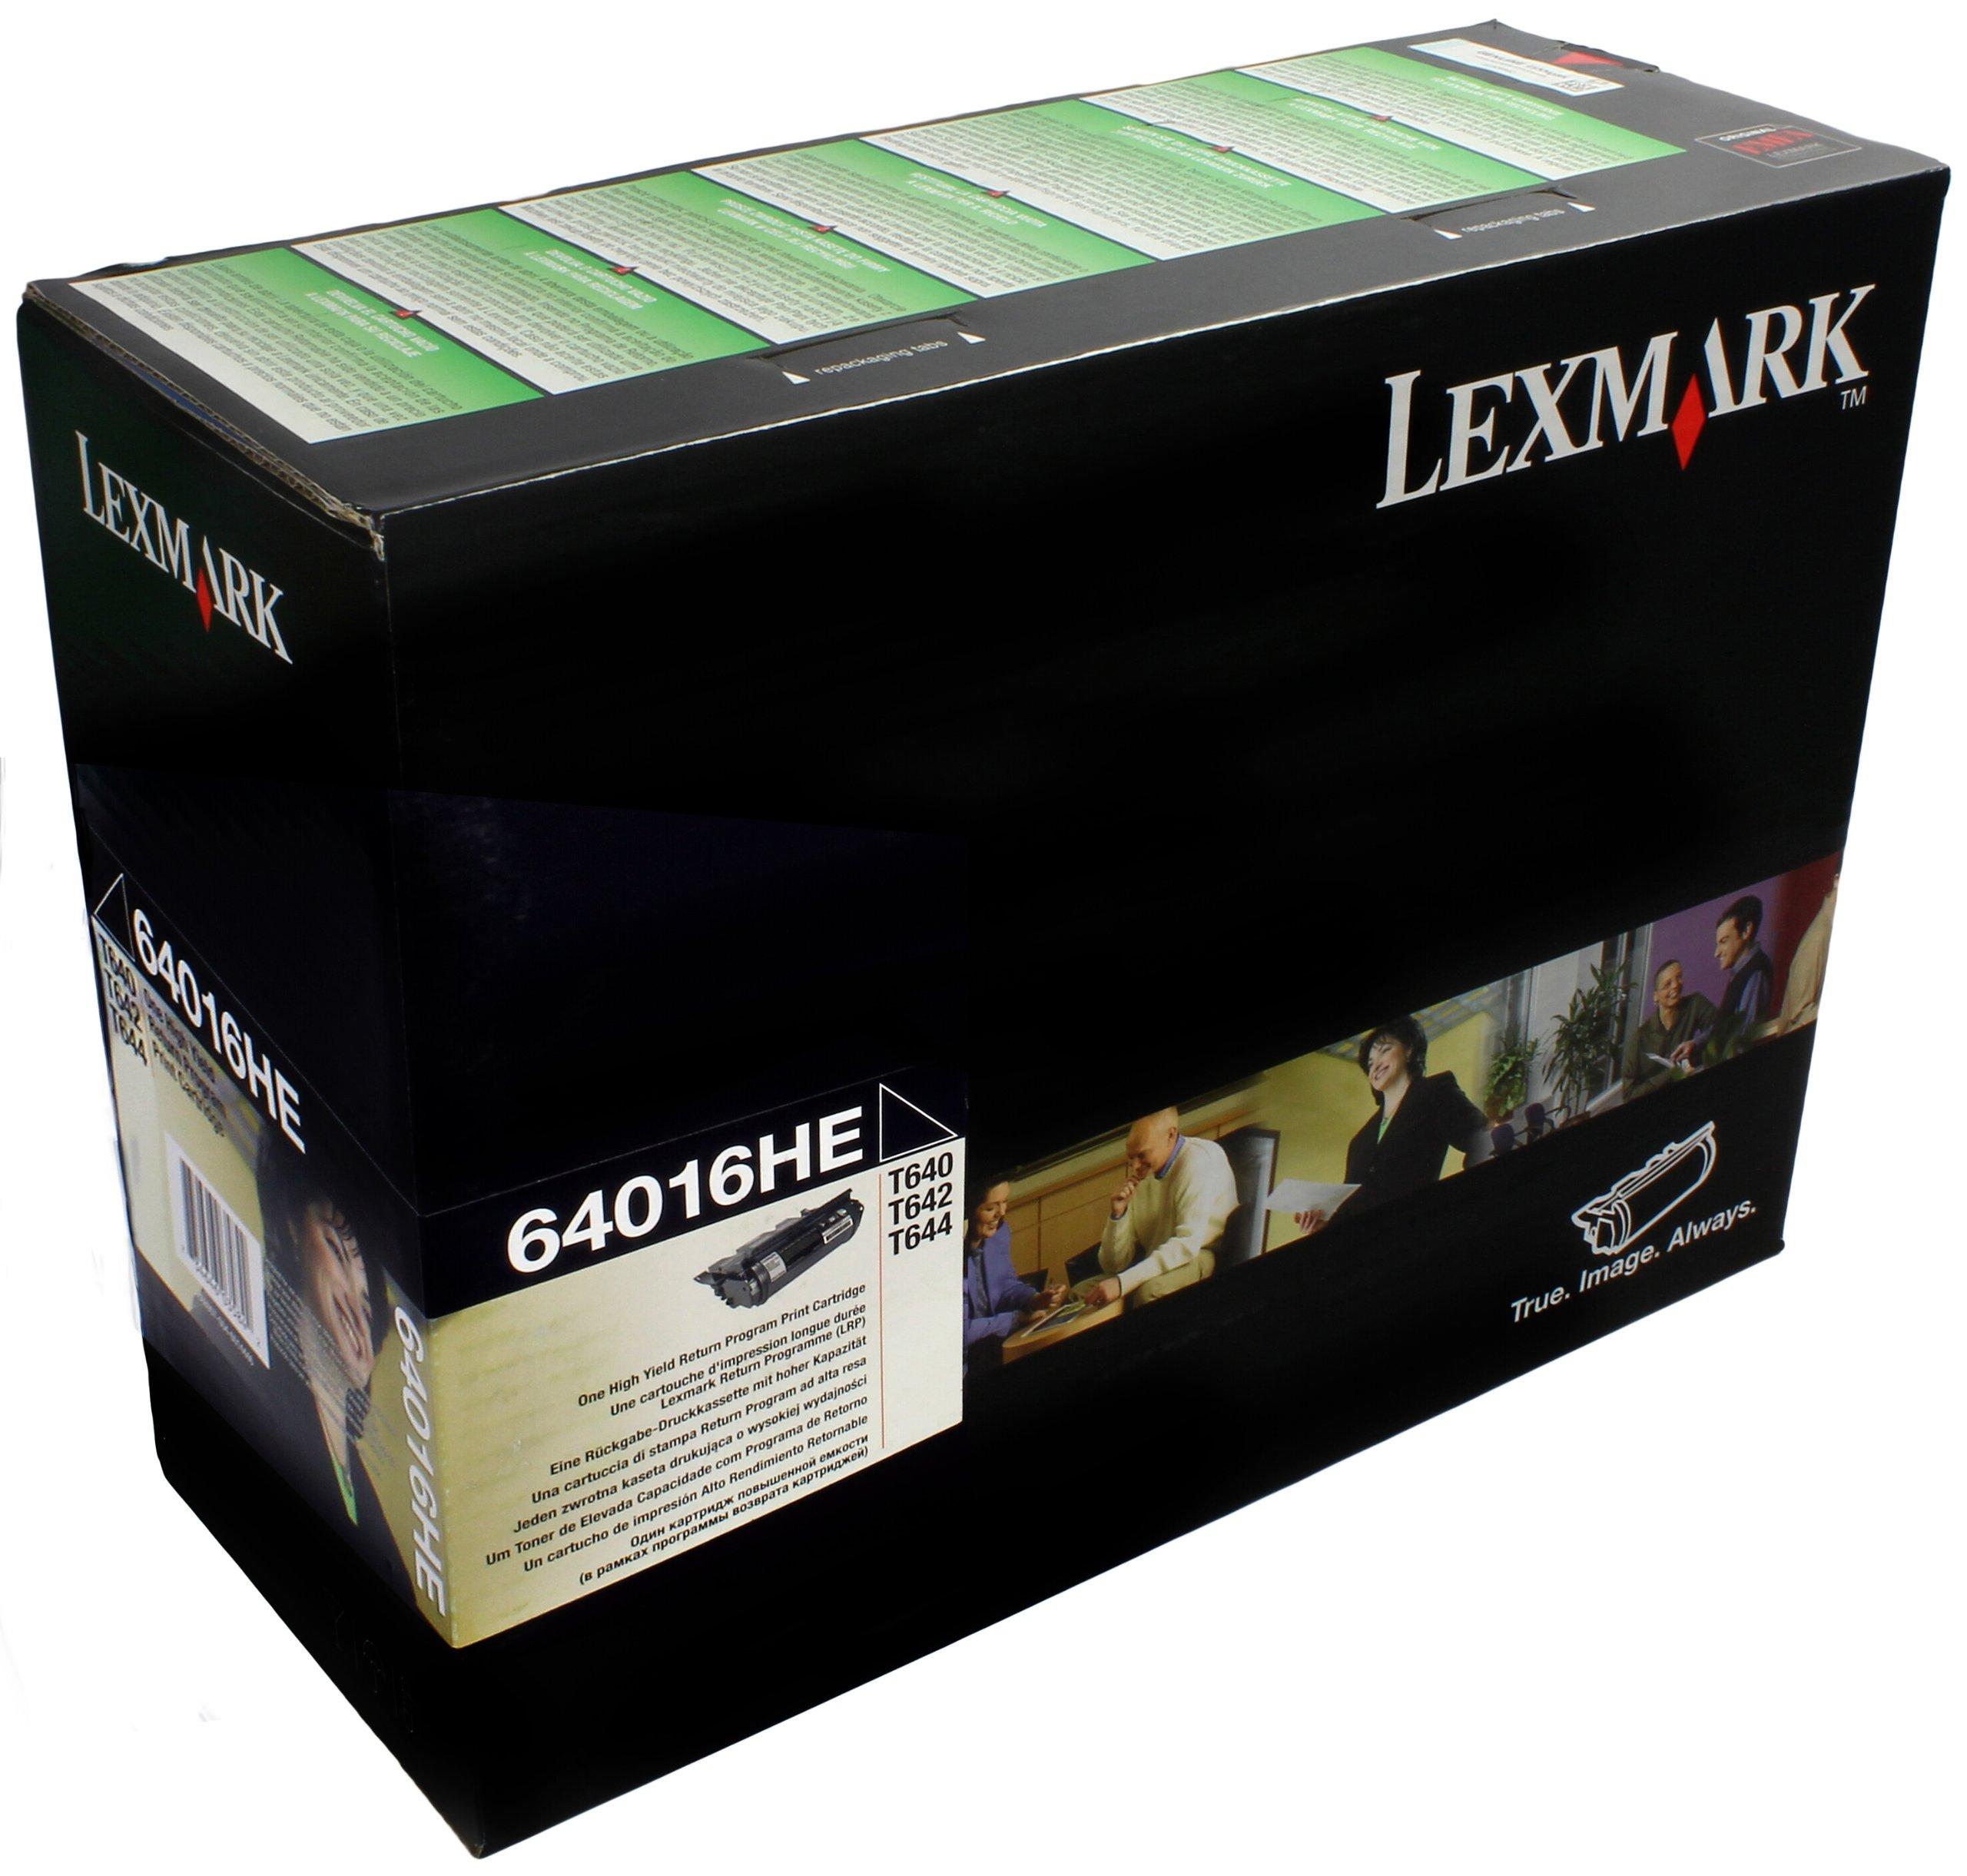 Lexmark-64016HE-T640-T642-T644-Tonerkartusche-hohe-Kapazitt-21000-Seiten-return-program-schwarz